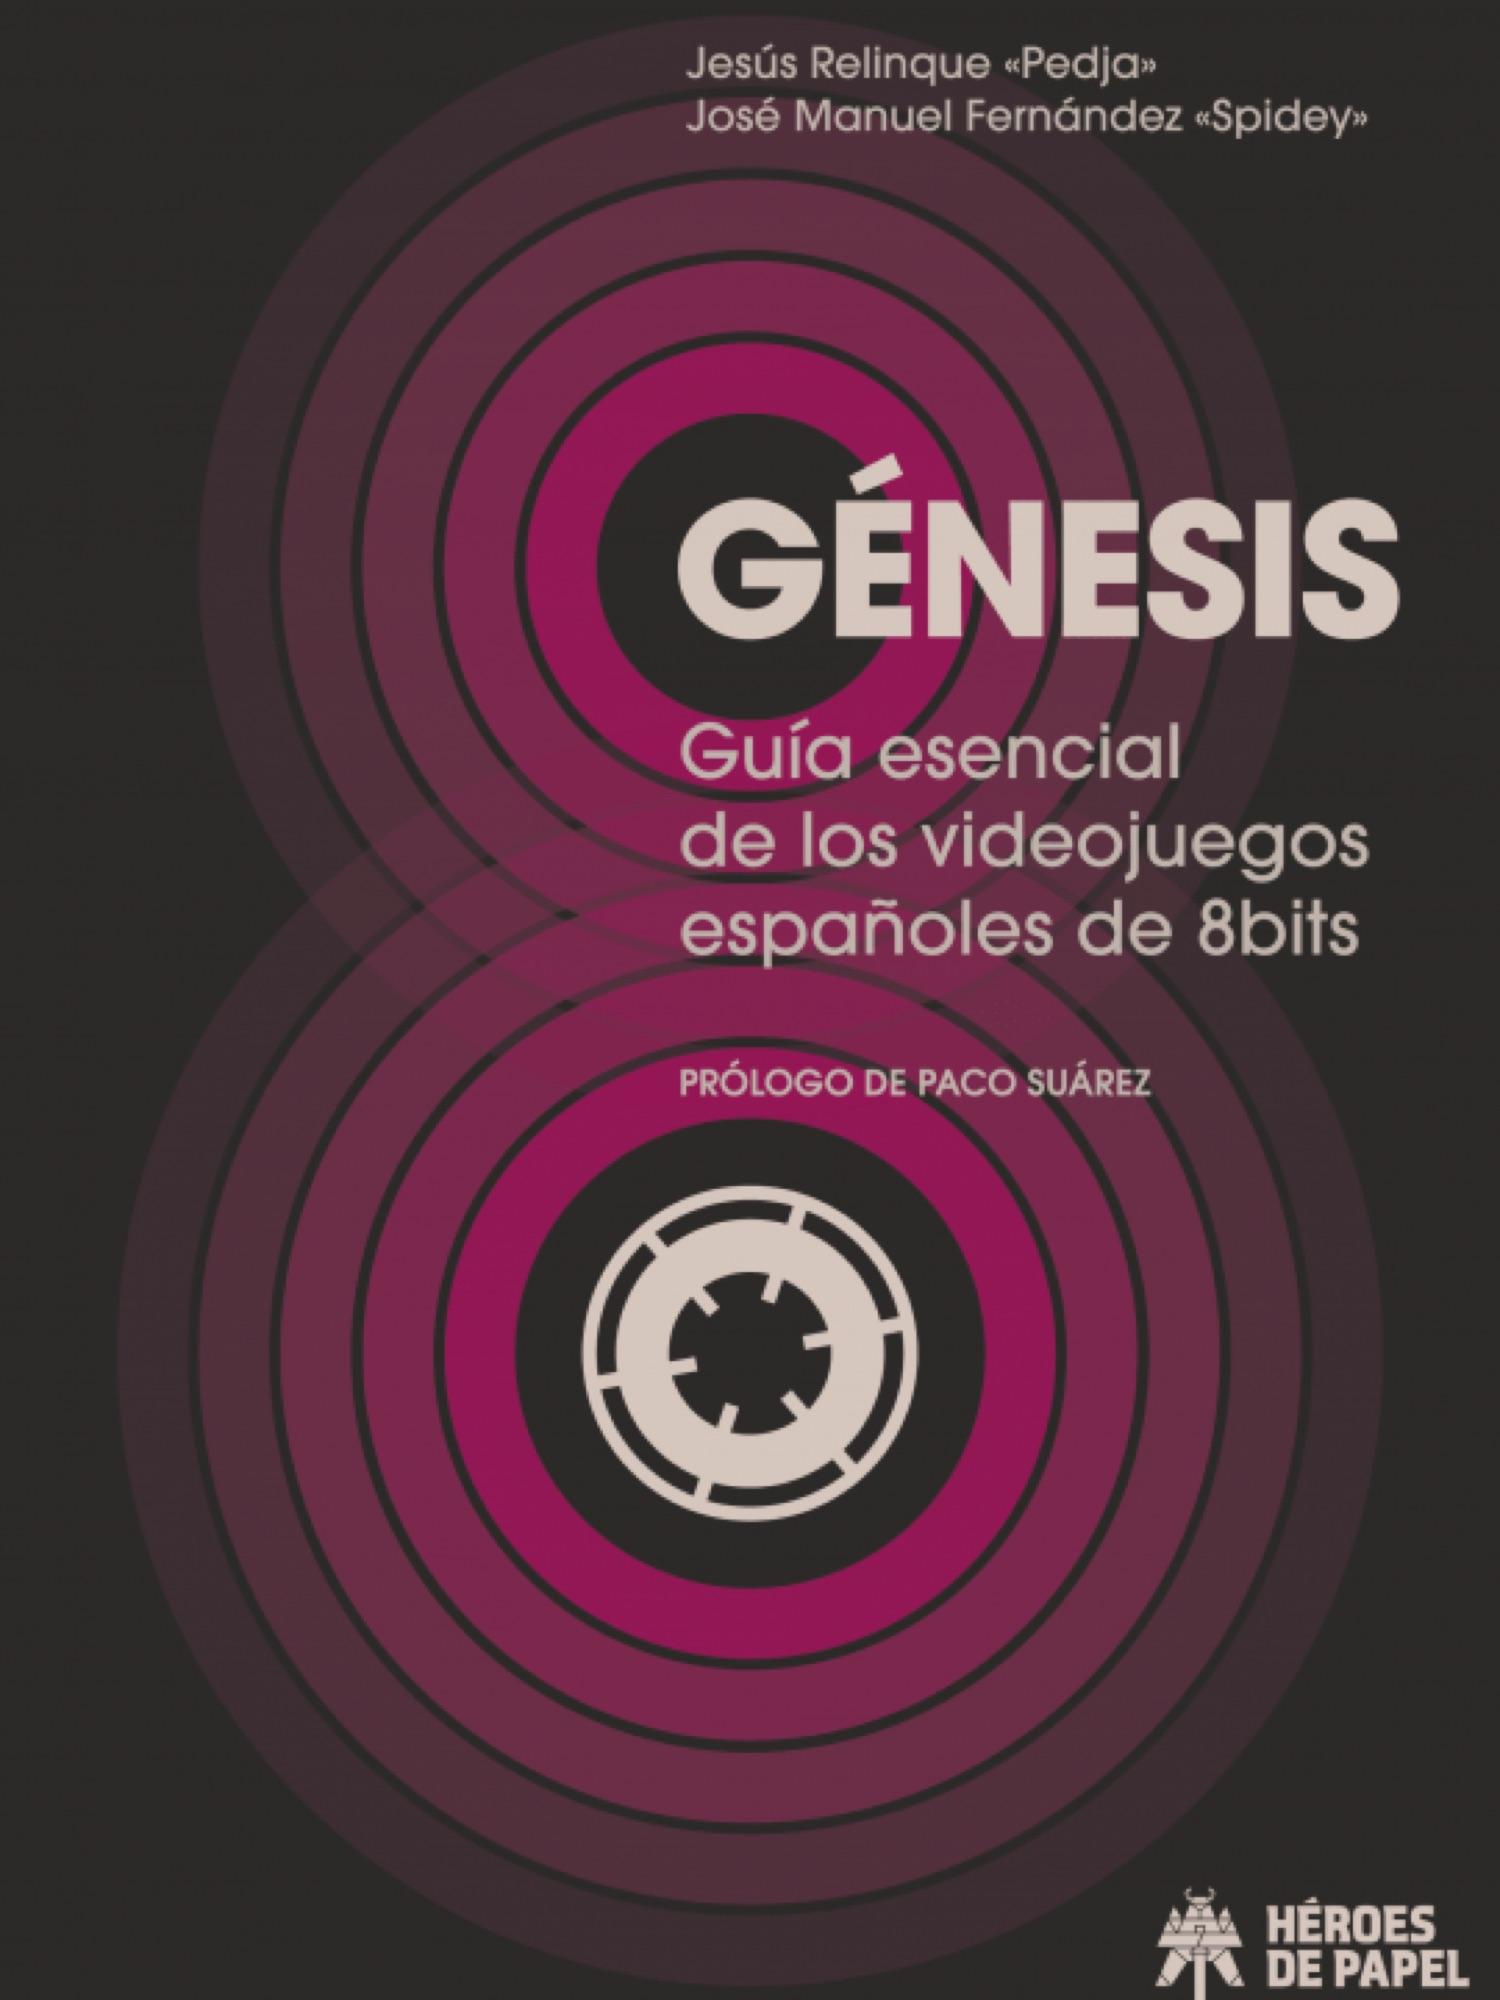 GENESIS. GUIA ESENCIAL DE LOS VIDEOJUEGOS ESPAÑOLES DE 8BITS